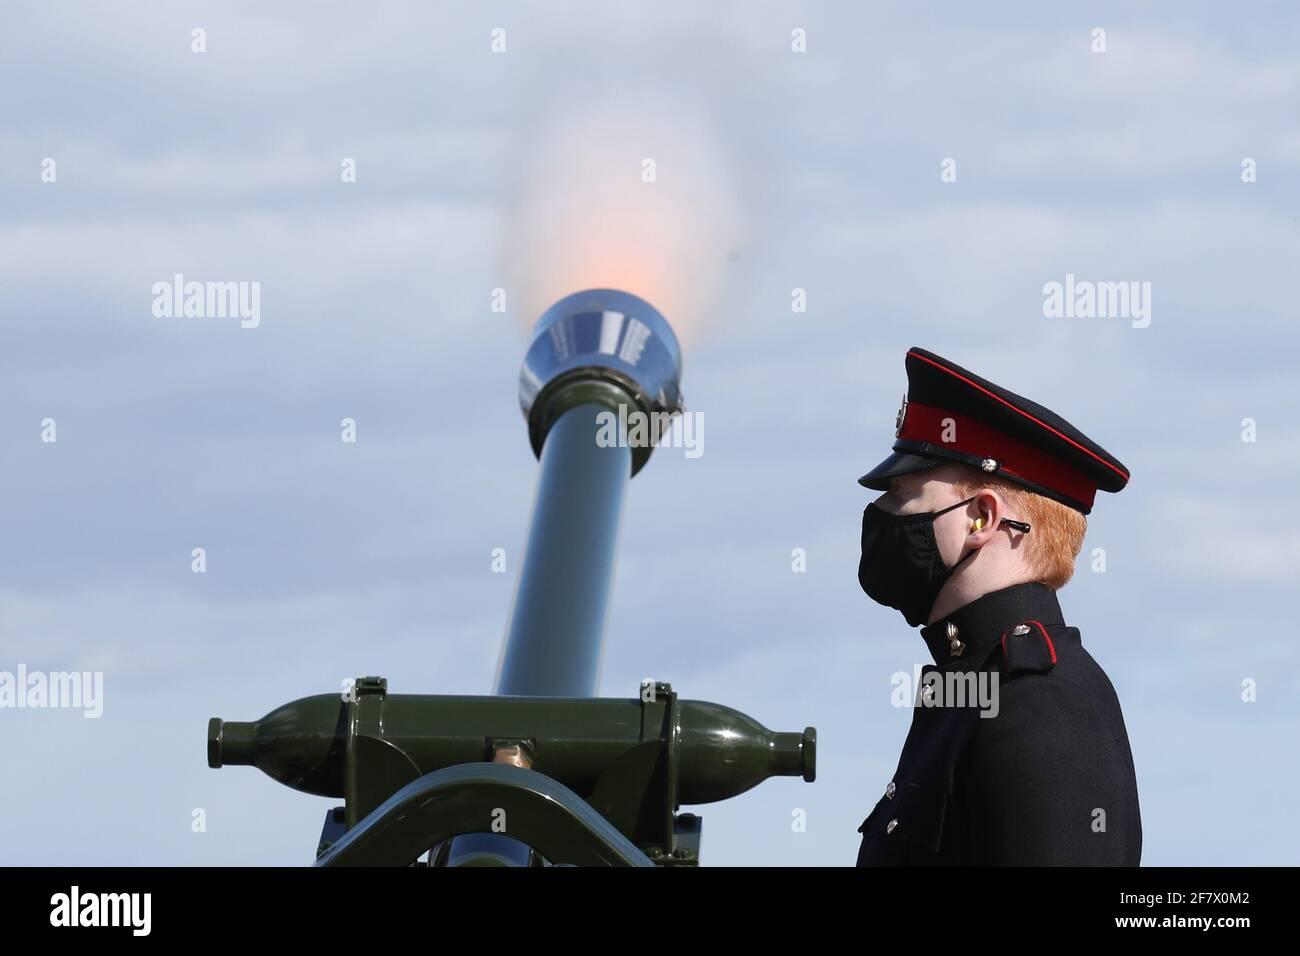 Los miembros del Regimiento de Artillería Real de 105th lanzaron un saludo de 41 disparos en el Castillo de Edimburgo, para marcar la muerte del Duque de Edimburgo. Fecha de la foto: Sábado 10 de abril de 2021. Foto de stock